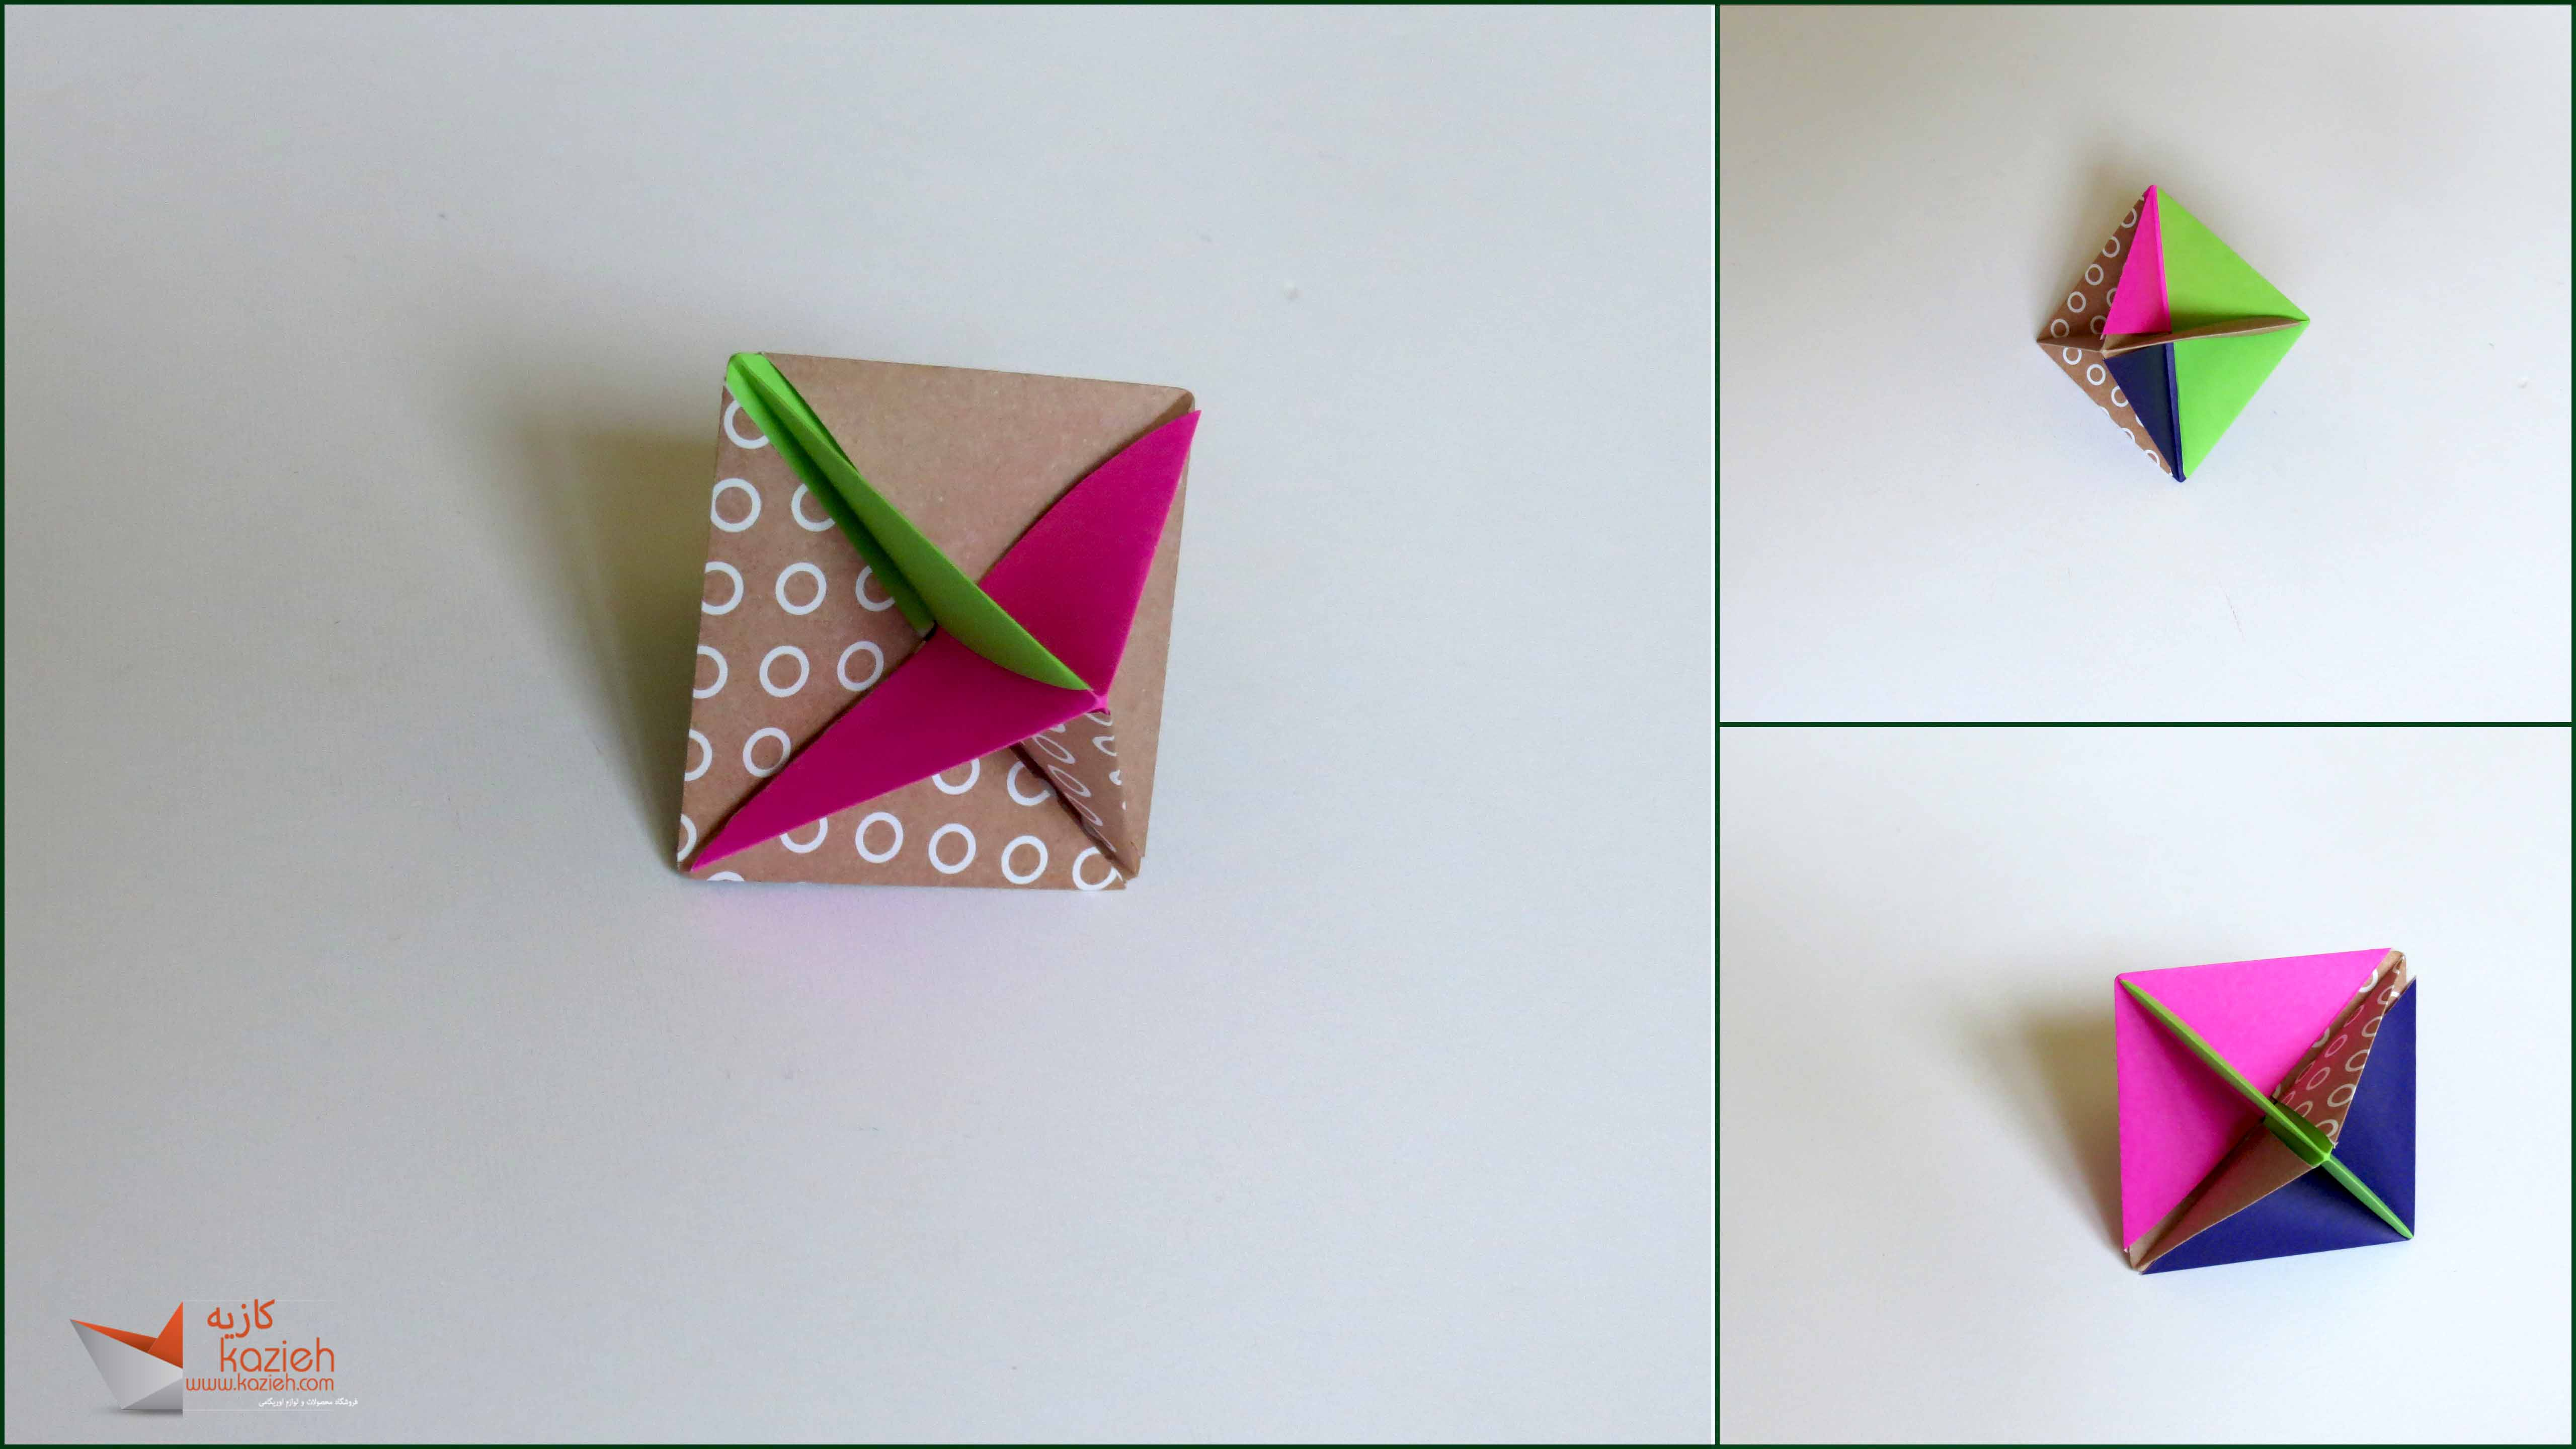 آموزش هشت وجهی اوریگامی کازیه Octahedral